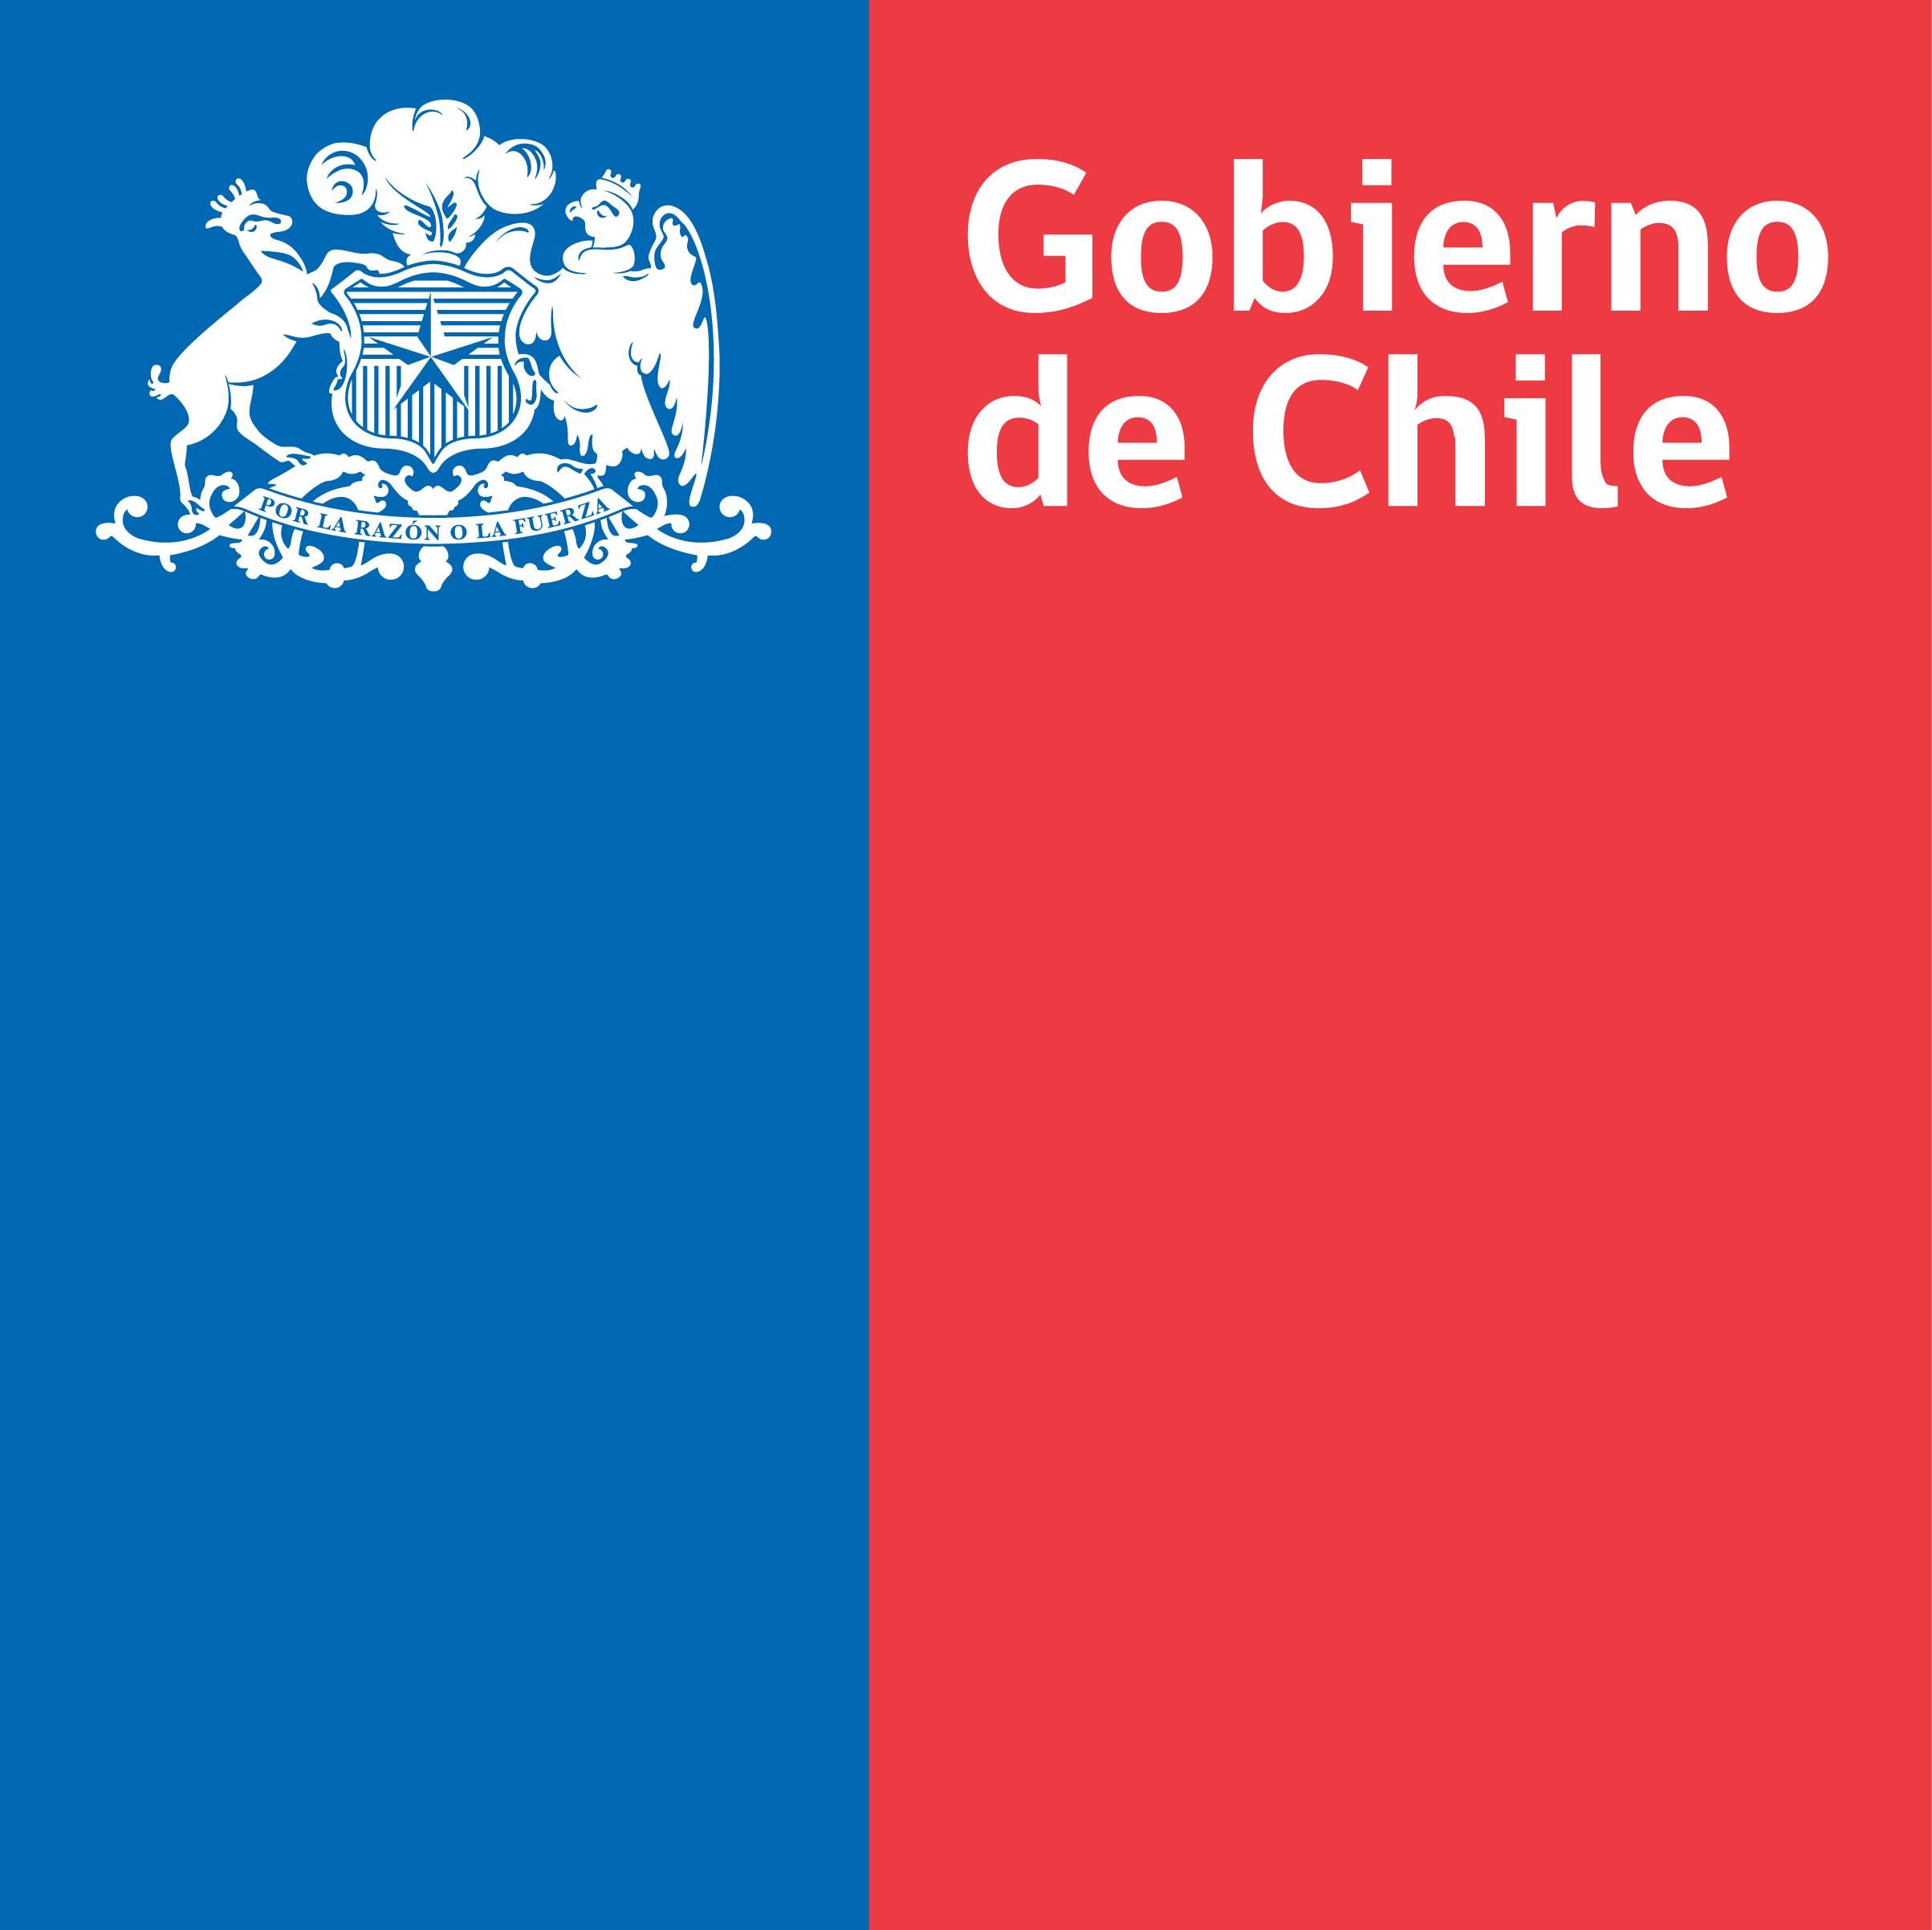 Logotipo_oficial_del_Gobierno_de_Chile